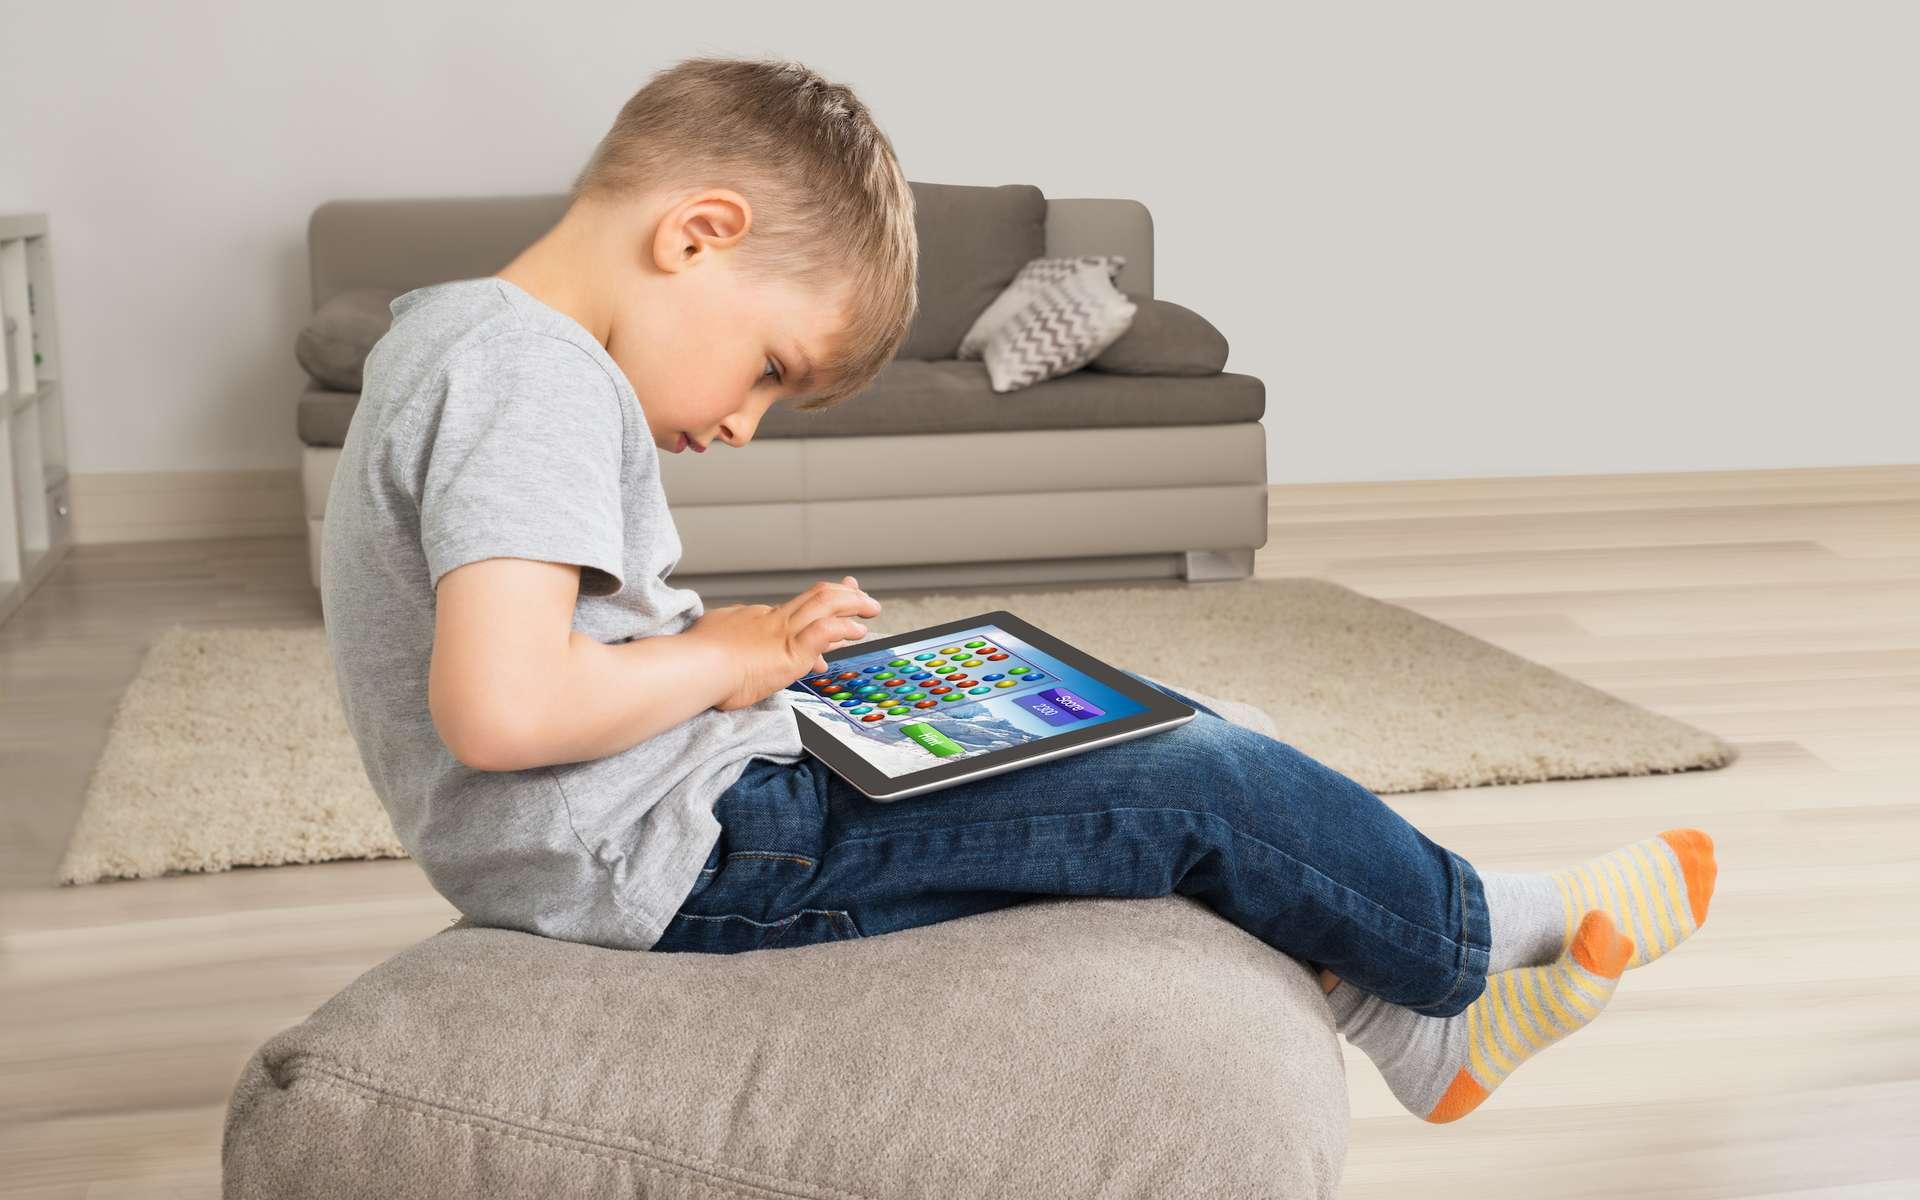 Les Écrans Détruisent-Ils Le Cerveau De Nos Enfants ? tout Jeux Video Enfant 5 Ans